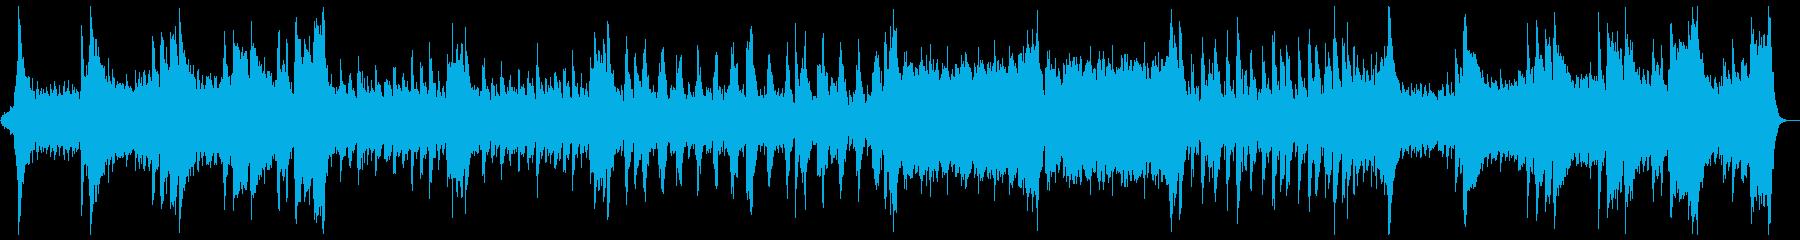 ハリウッド風ファンファーレとマーチ:Cの再生済みの波形